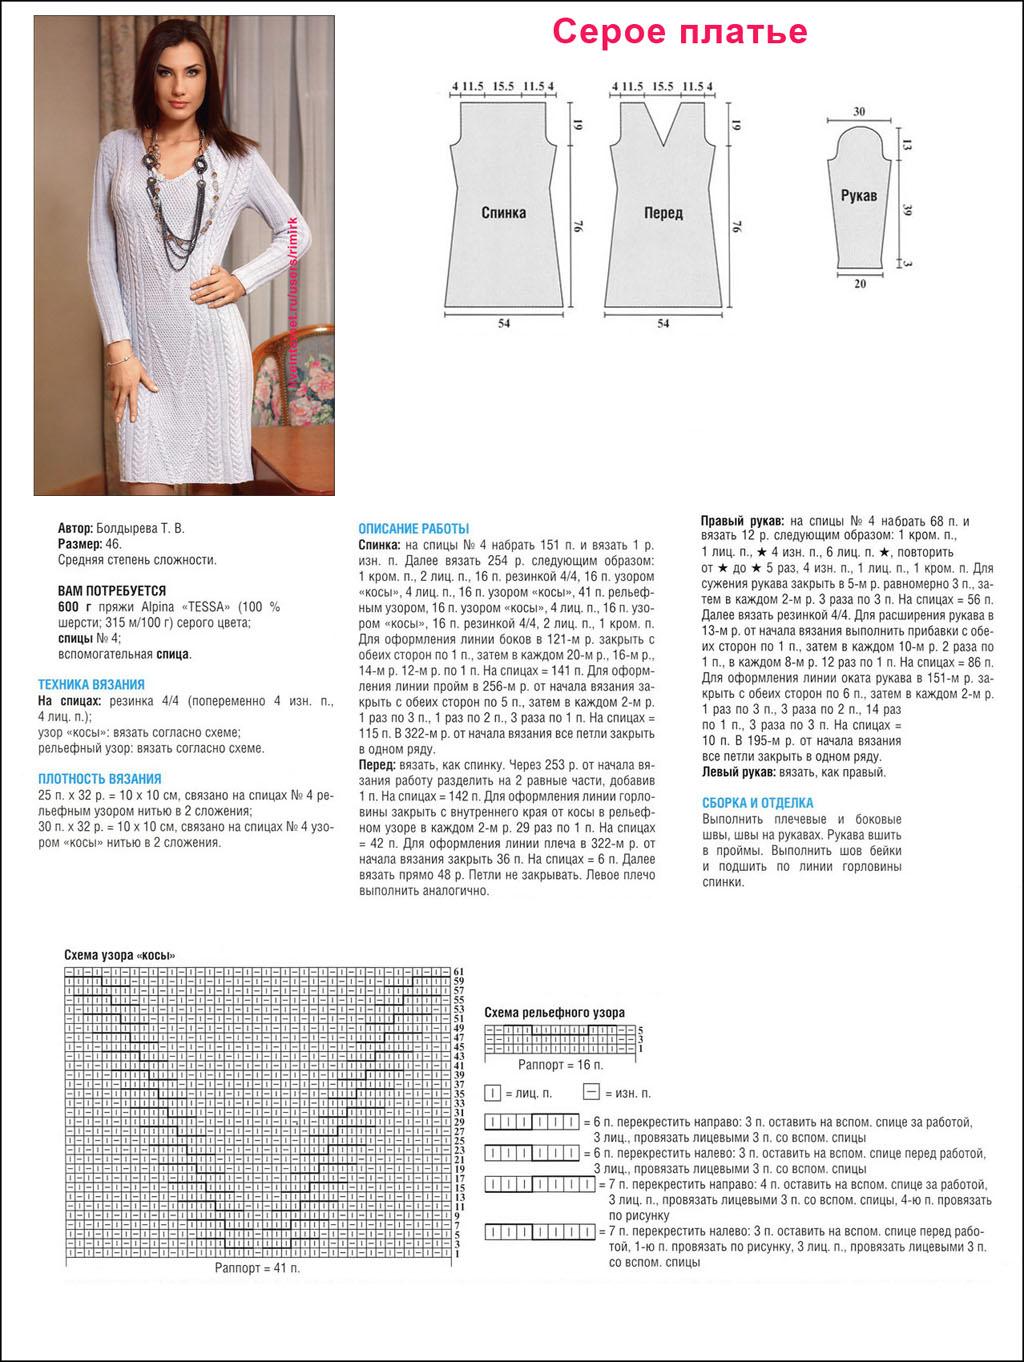 Вязание спицами для женщин модные платья с описанием